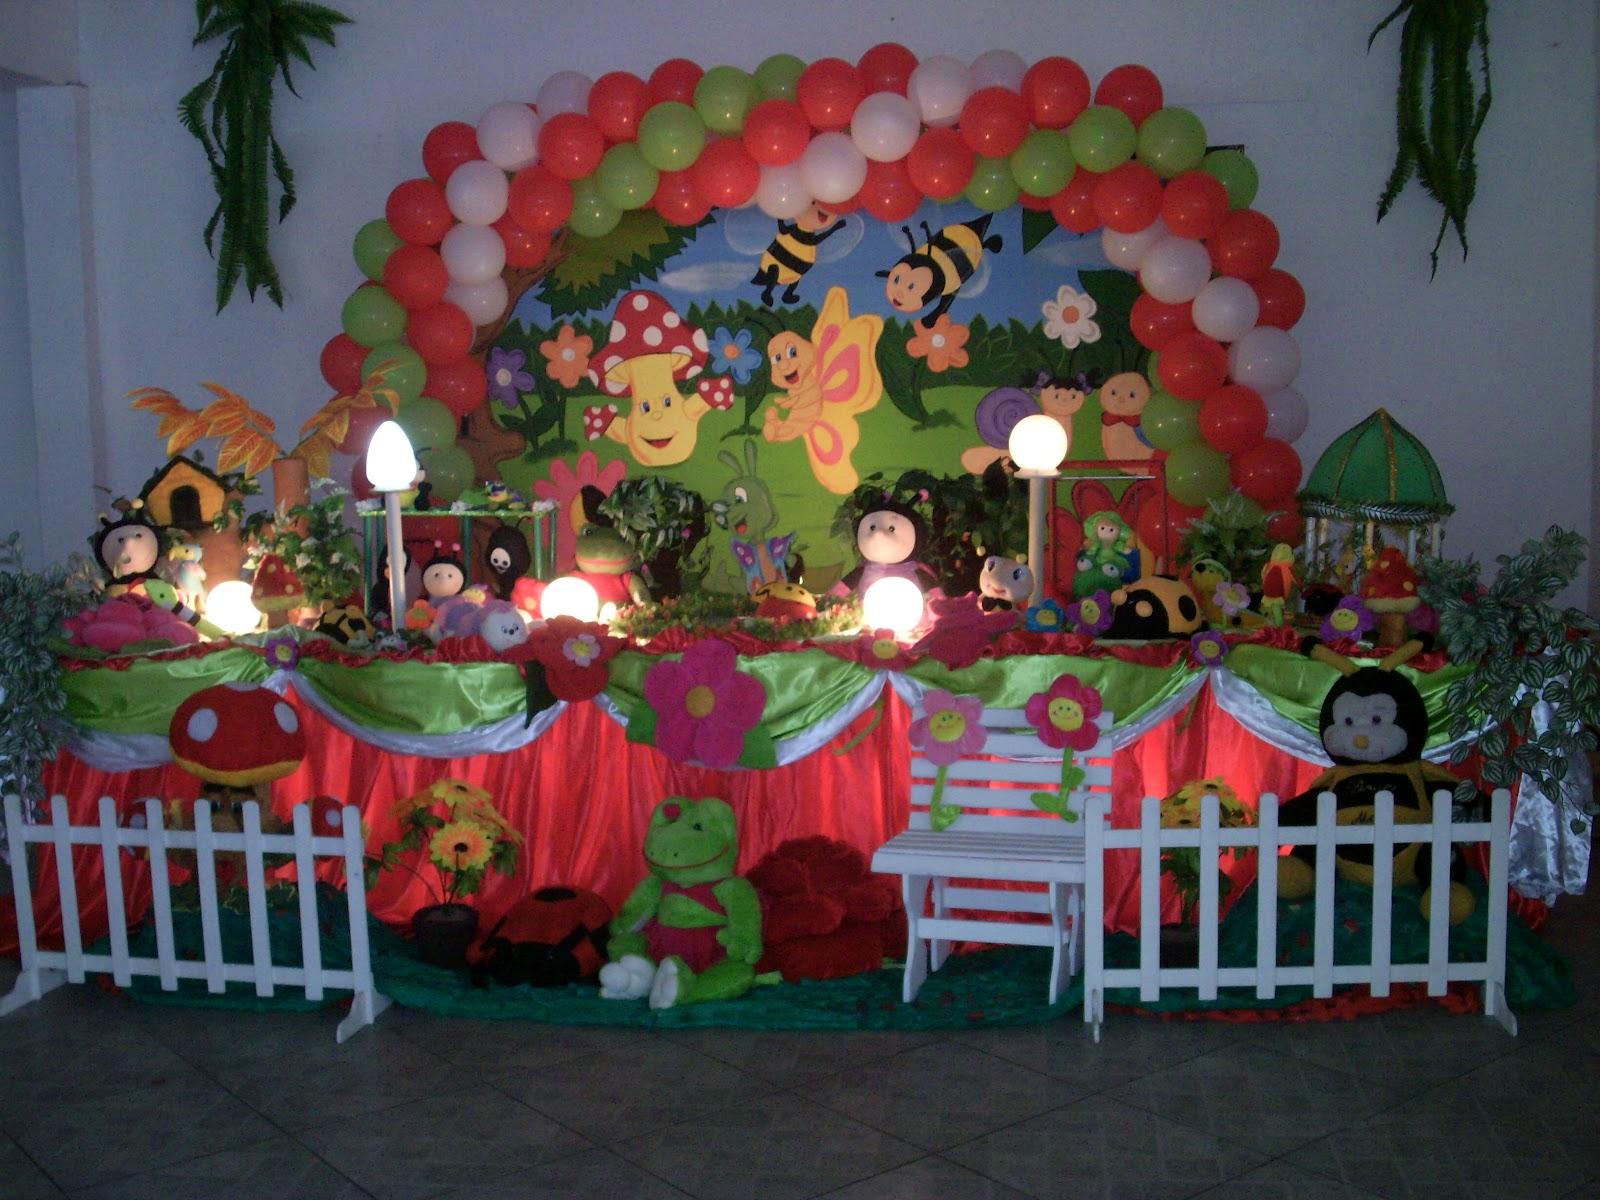 decoração de festa do tema Jardim encantado  aniversário infantil